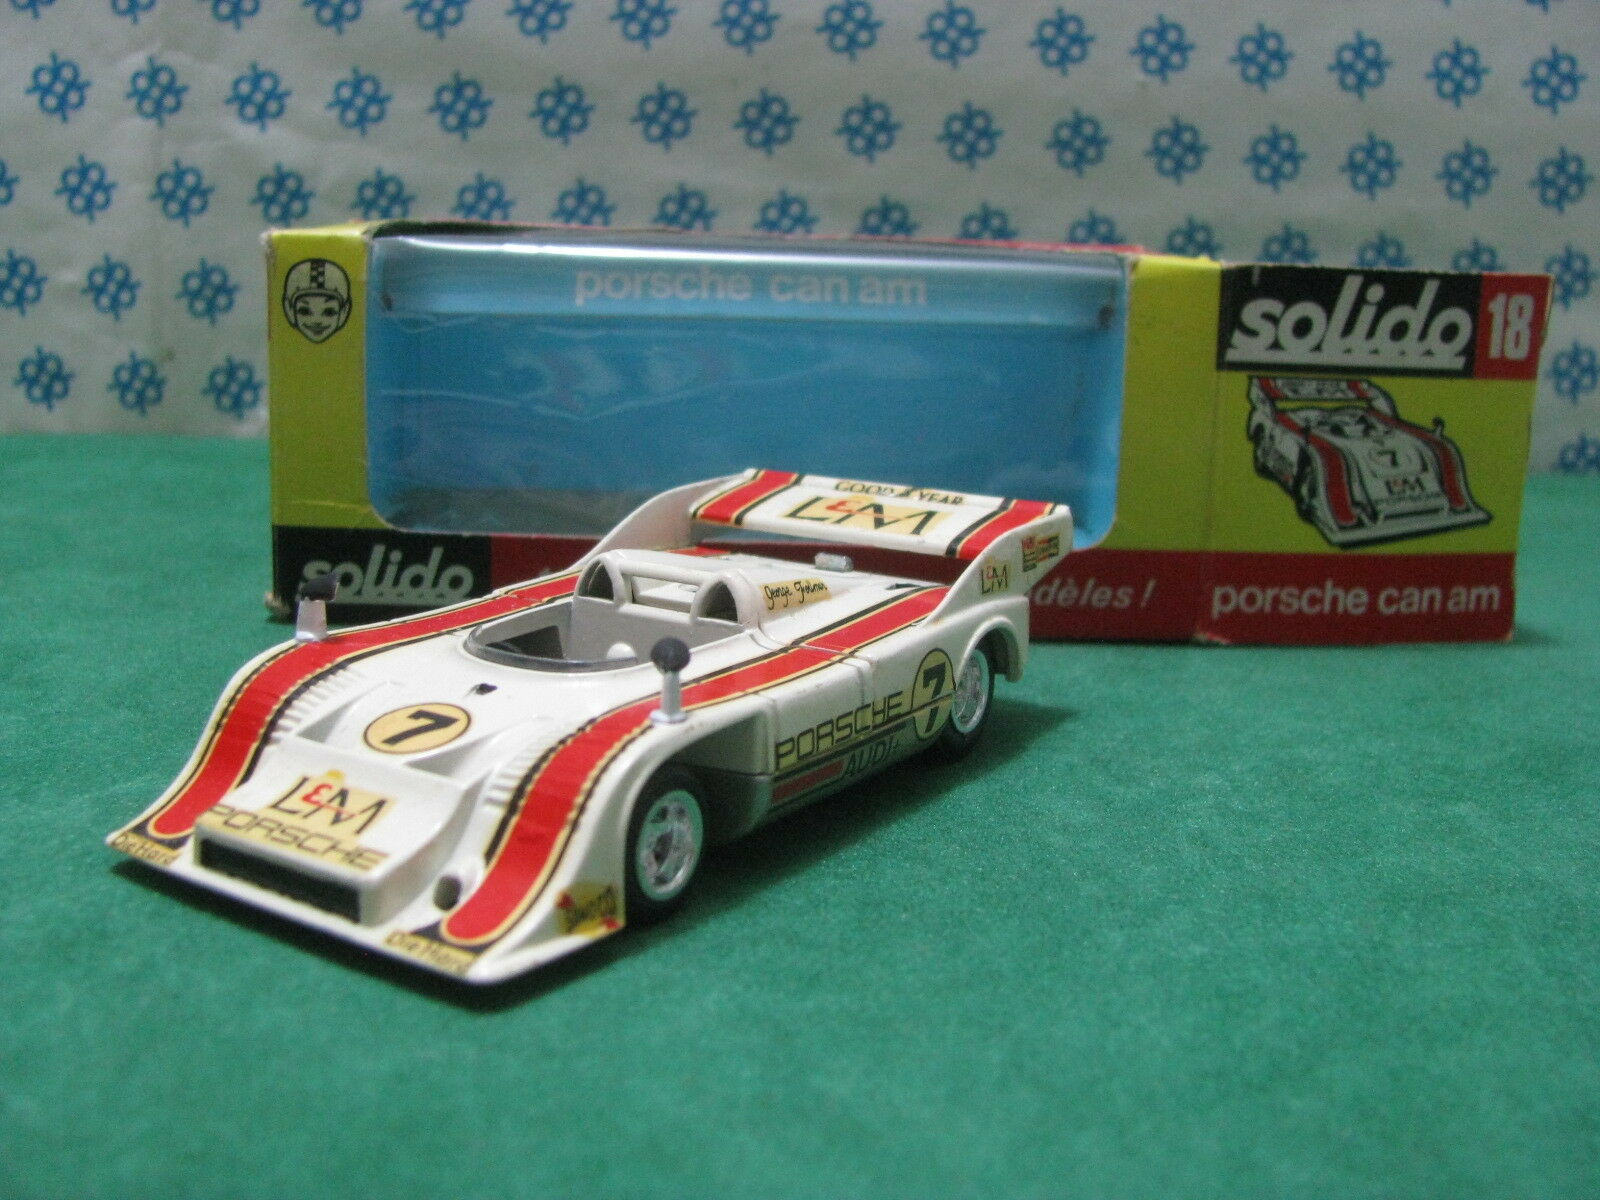 Vintage - Porsche 917 10 T.c.Can-Am Ecrans Compresseur - 1 43 Solido N°18